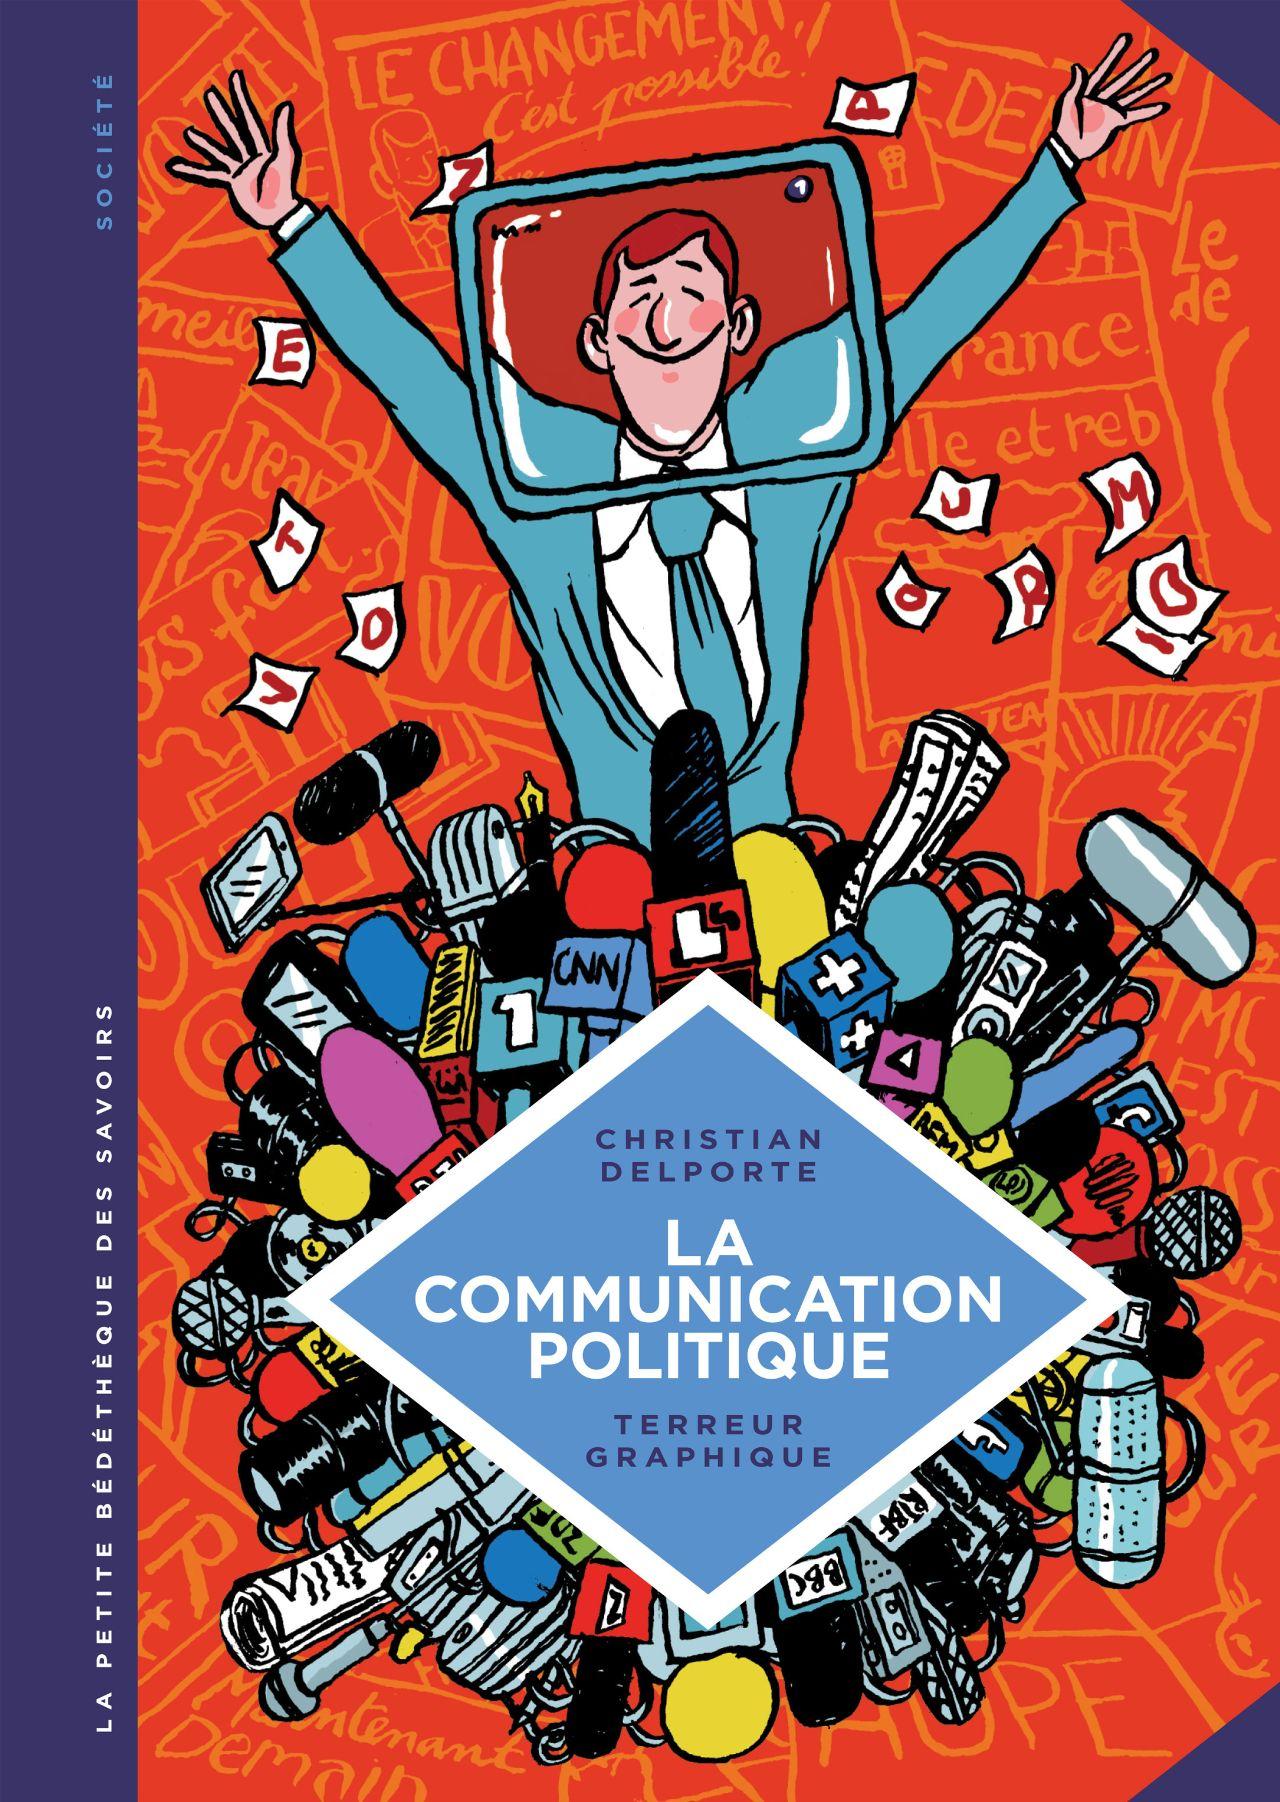 la-communication-politique-christian-delporte-terreur-graphique-le-lombard-bdtk-couverture